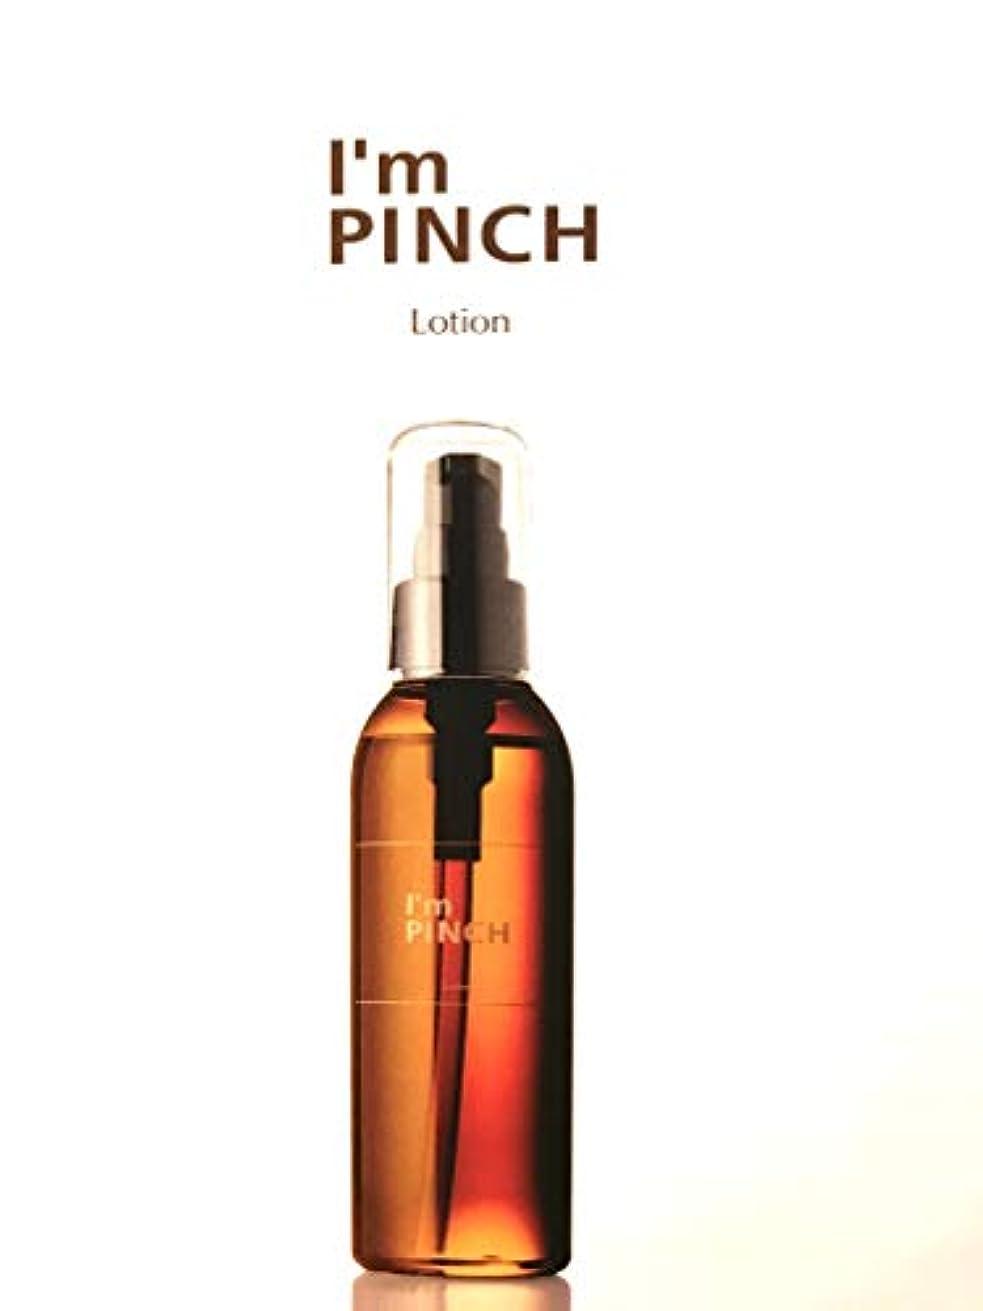 おとこまっすぐ検出するI'm pinch アイムピンチ ローション (化粧水) 150ml